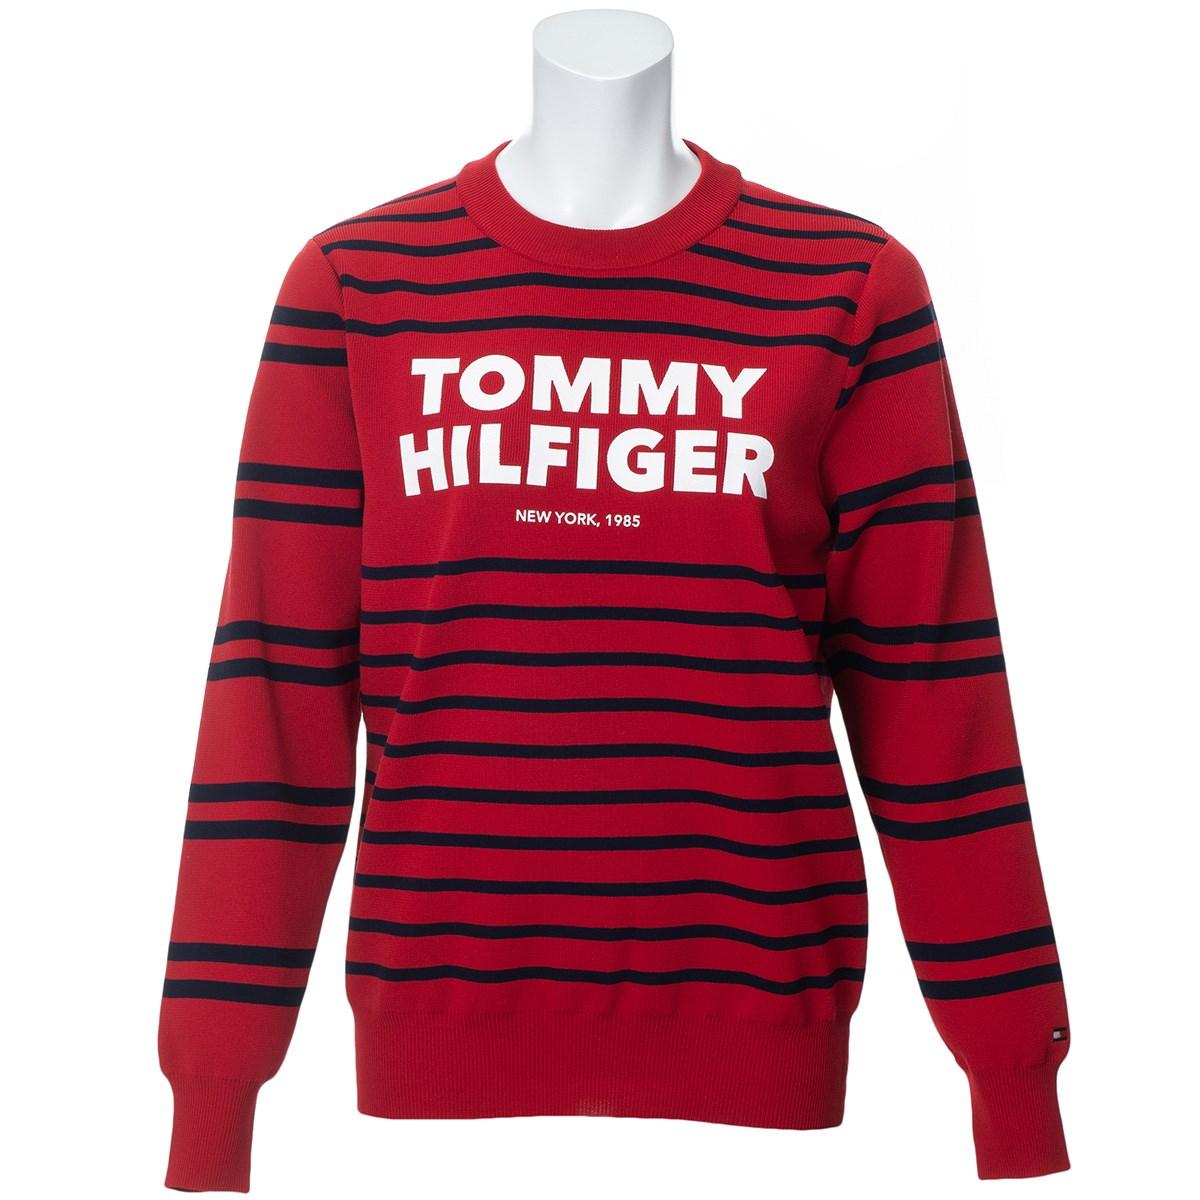 トミー ヒルフィガー ゴルフ TOMMY HILFIGER GOLF ボーダー クルーネックセーター S レッド レディス